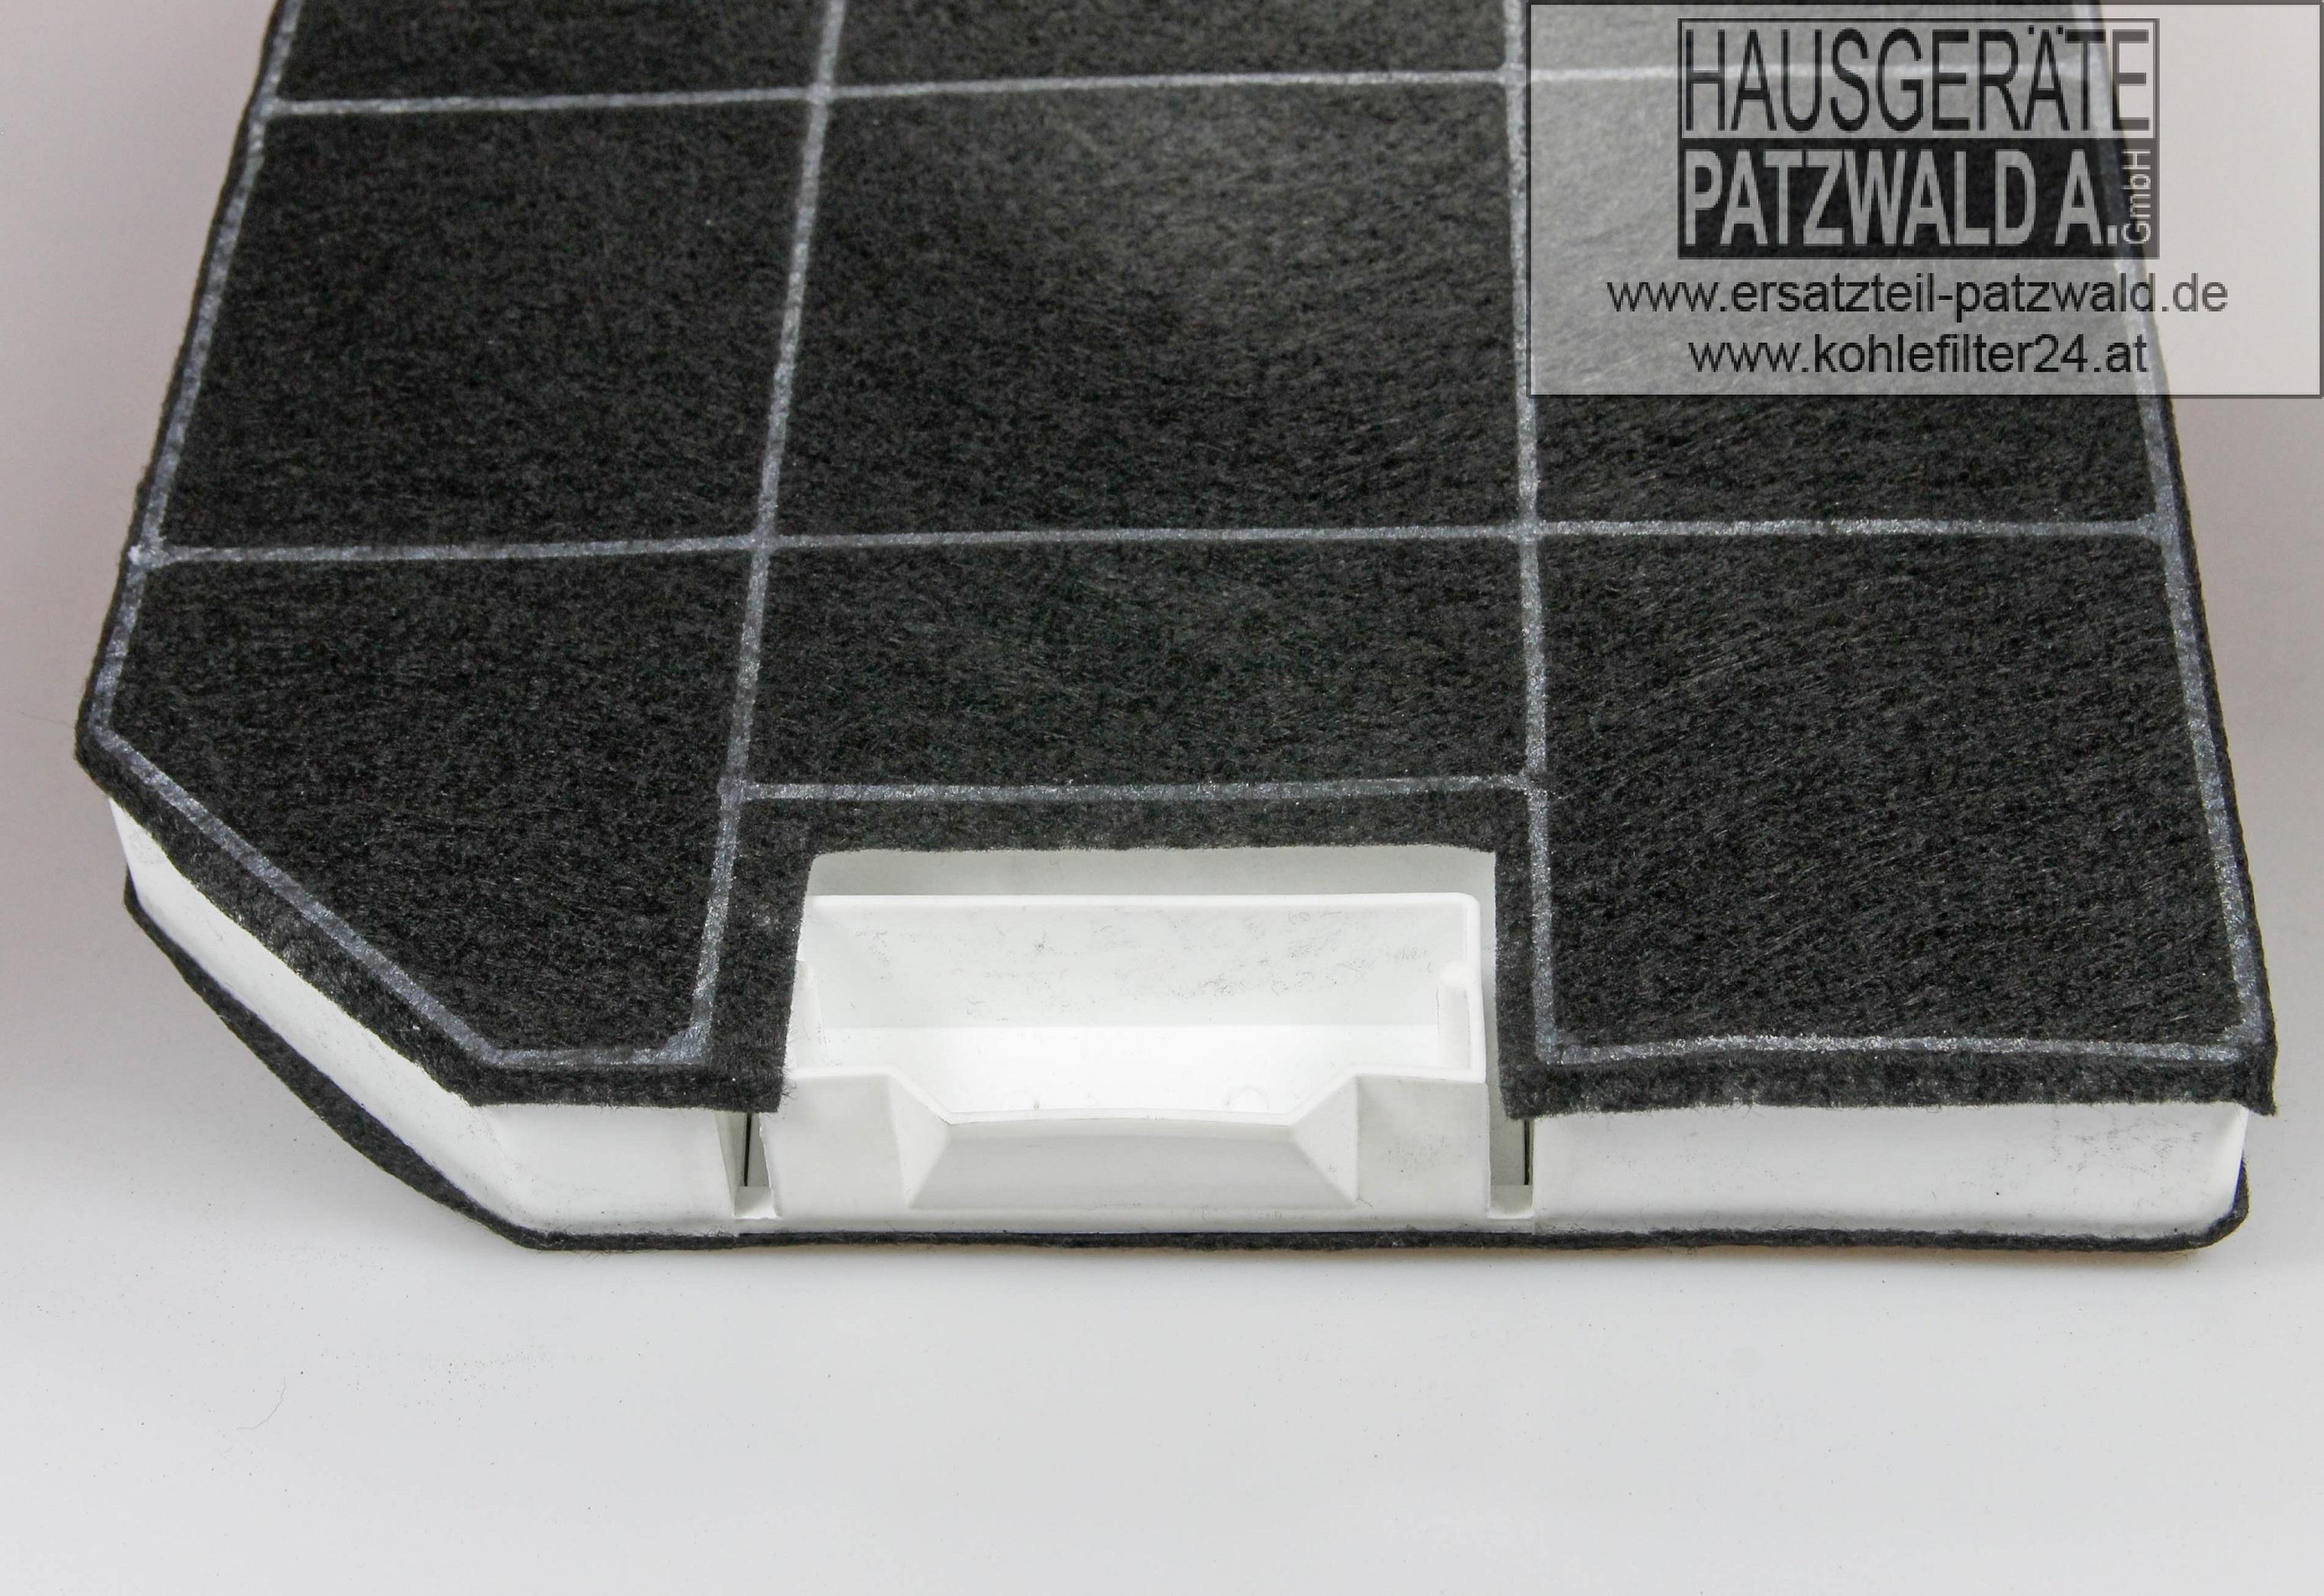 Ersatzteile für haushaltgeräte kohlefilter 460367 lz33000